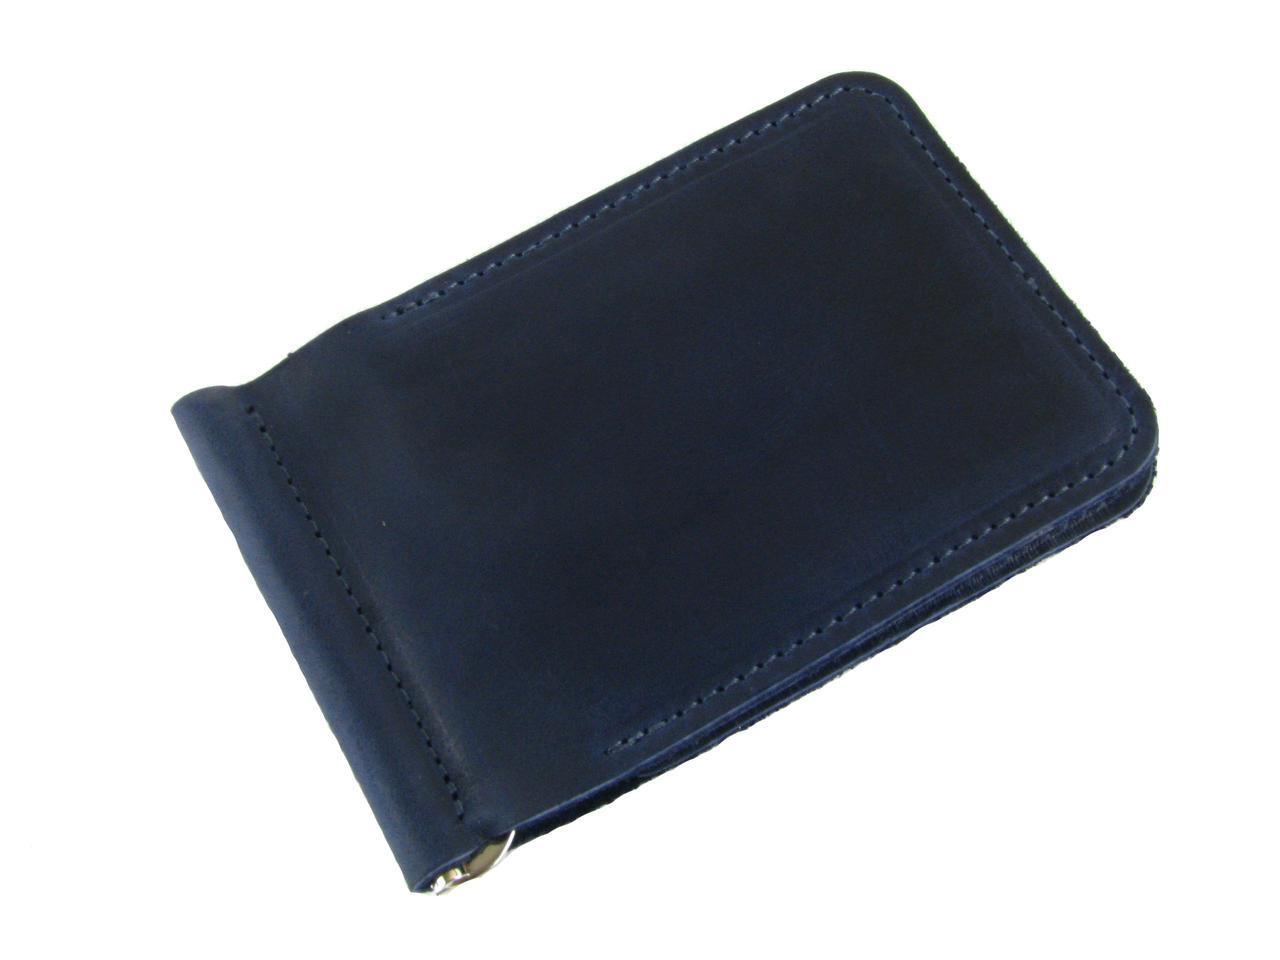 Мужской тонкий кошелек с зажимом GS кожаный синий